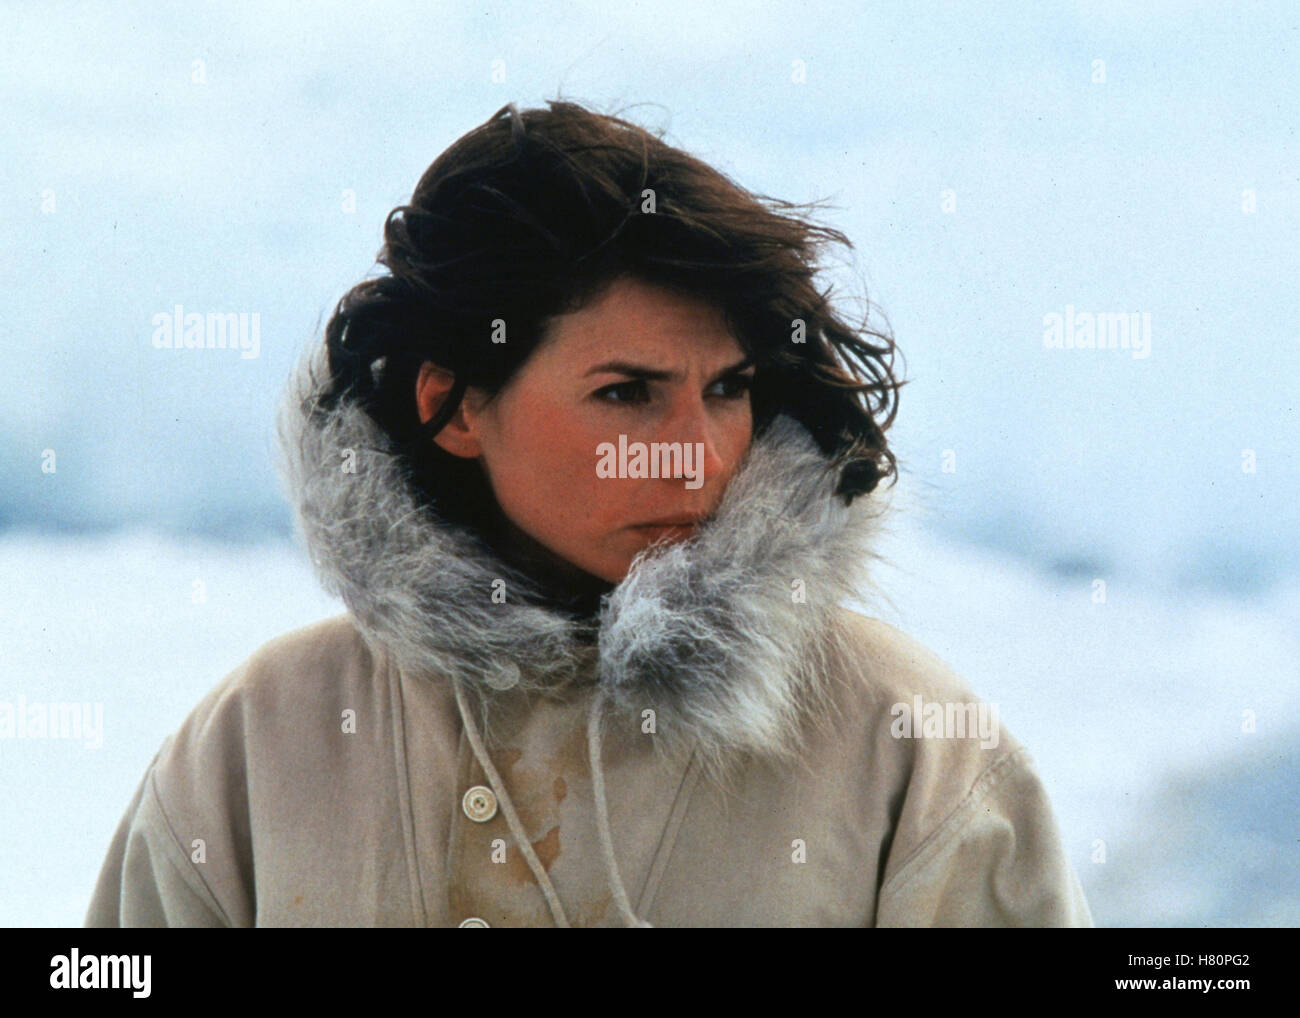 Smillas Sense Snow 1997 Julia Stock Photos & Smillas Sense Snow 1997 ...